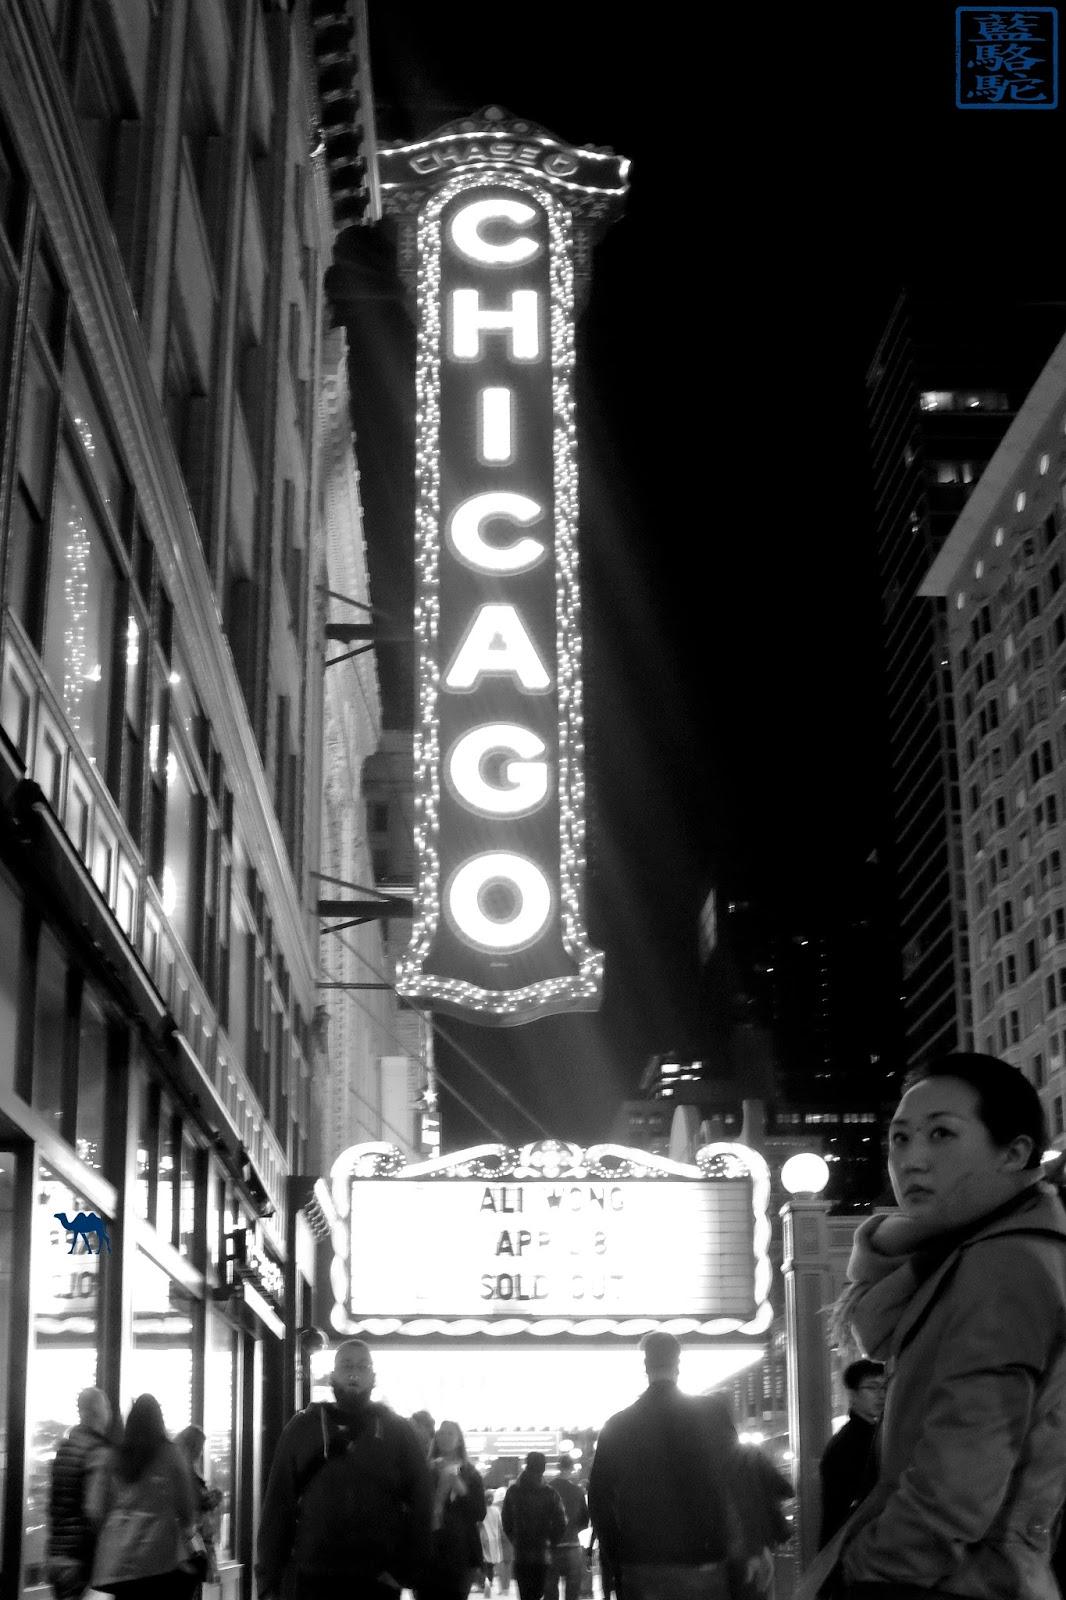 Le Chameau Bleu - The Chicago Theatre